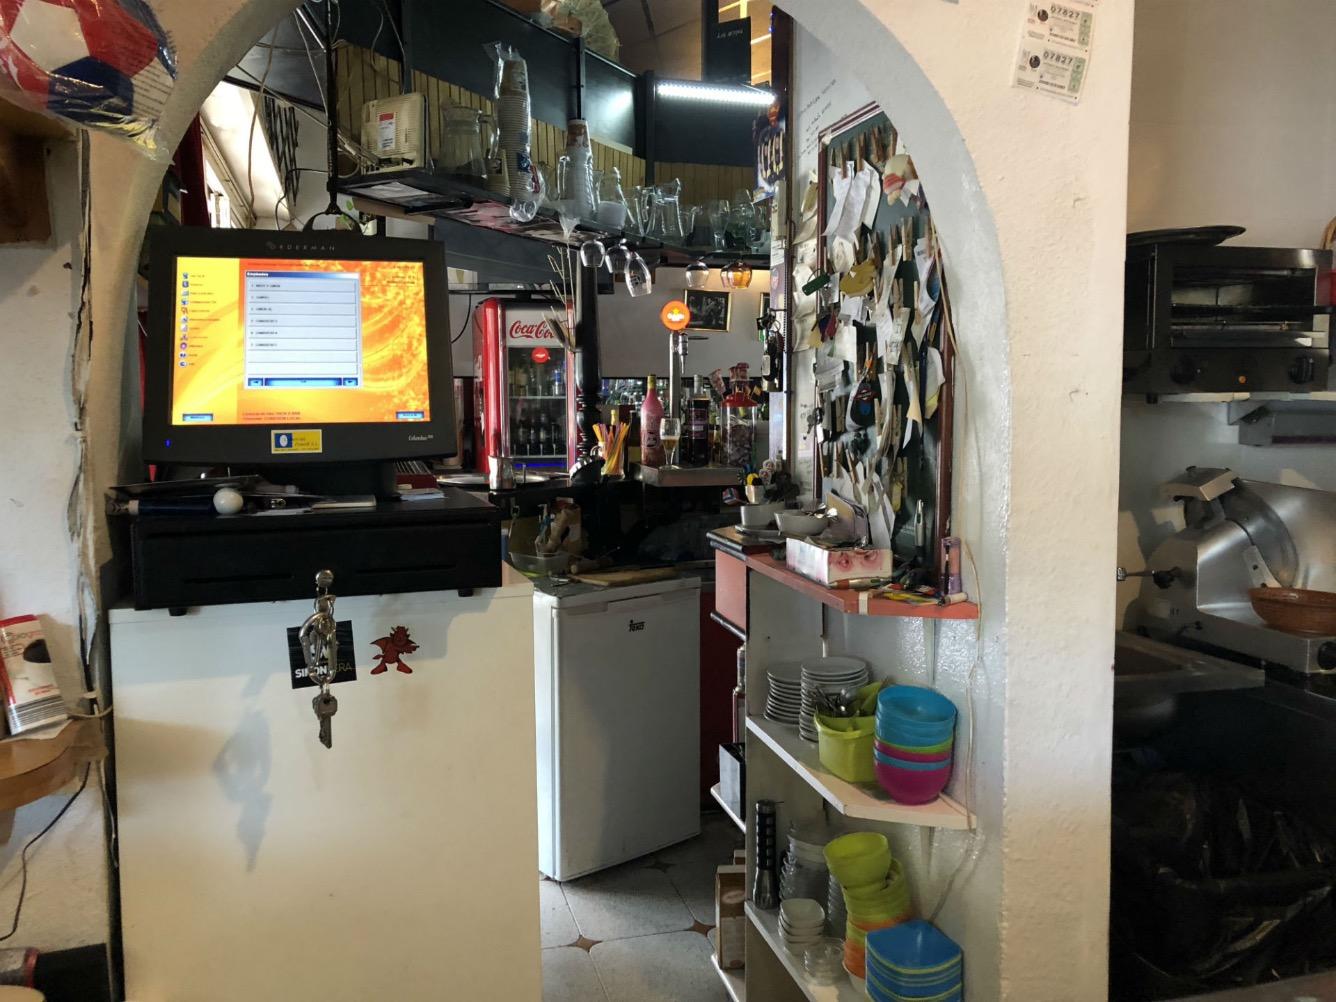 Locale commerciale  Migjorn - santanyí, zona de - Felanitx. Ricks cafe en porto colom